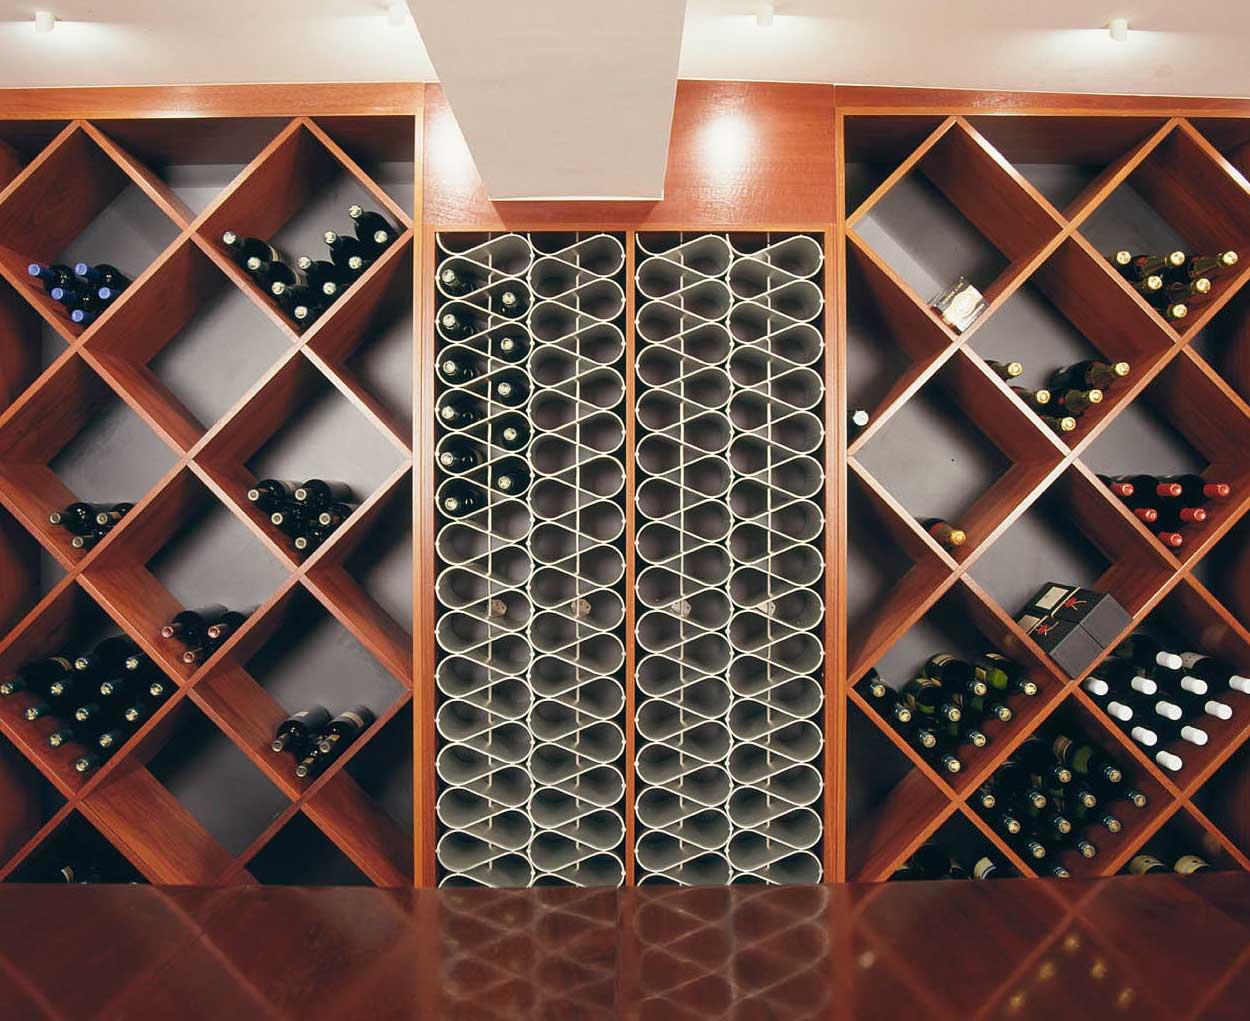 kitchens to go aqua kitchen utensils wine racks for custom cellars | rack bespoke ...